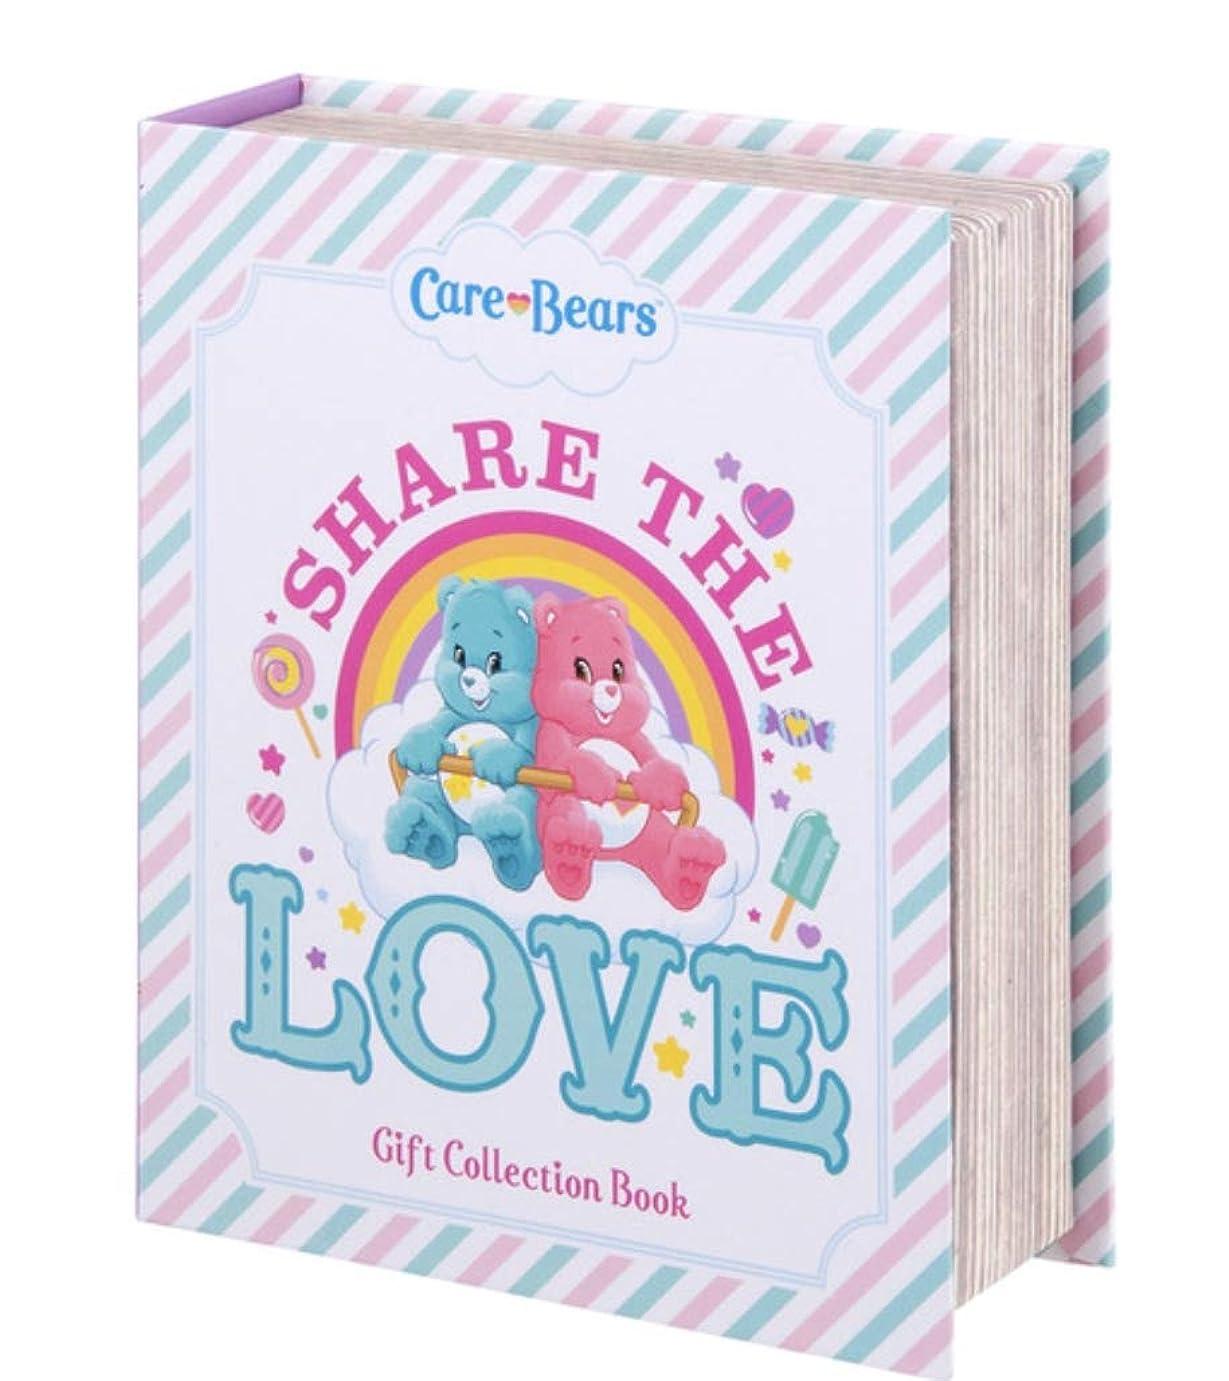 配管工勝つ日の出ケアベア Care Bears ボディケア ギフトコレクションブック Gift Collection Book Body Care Coffret